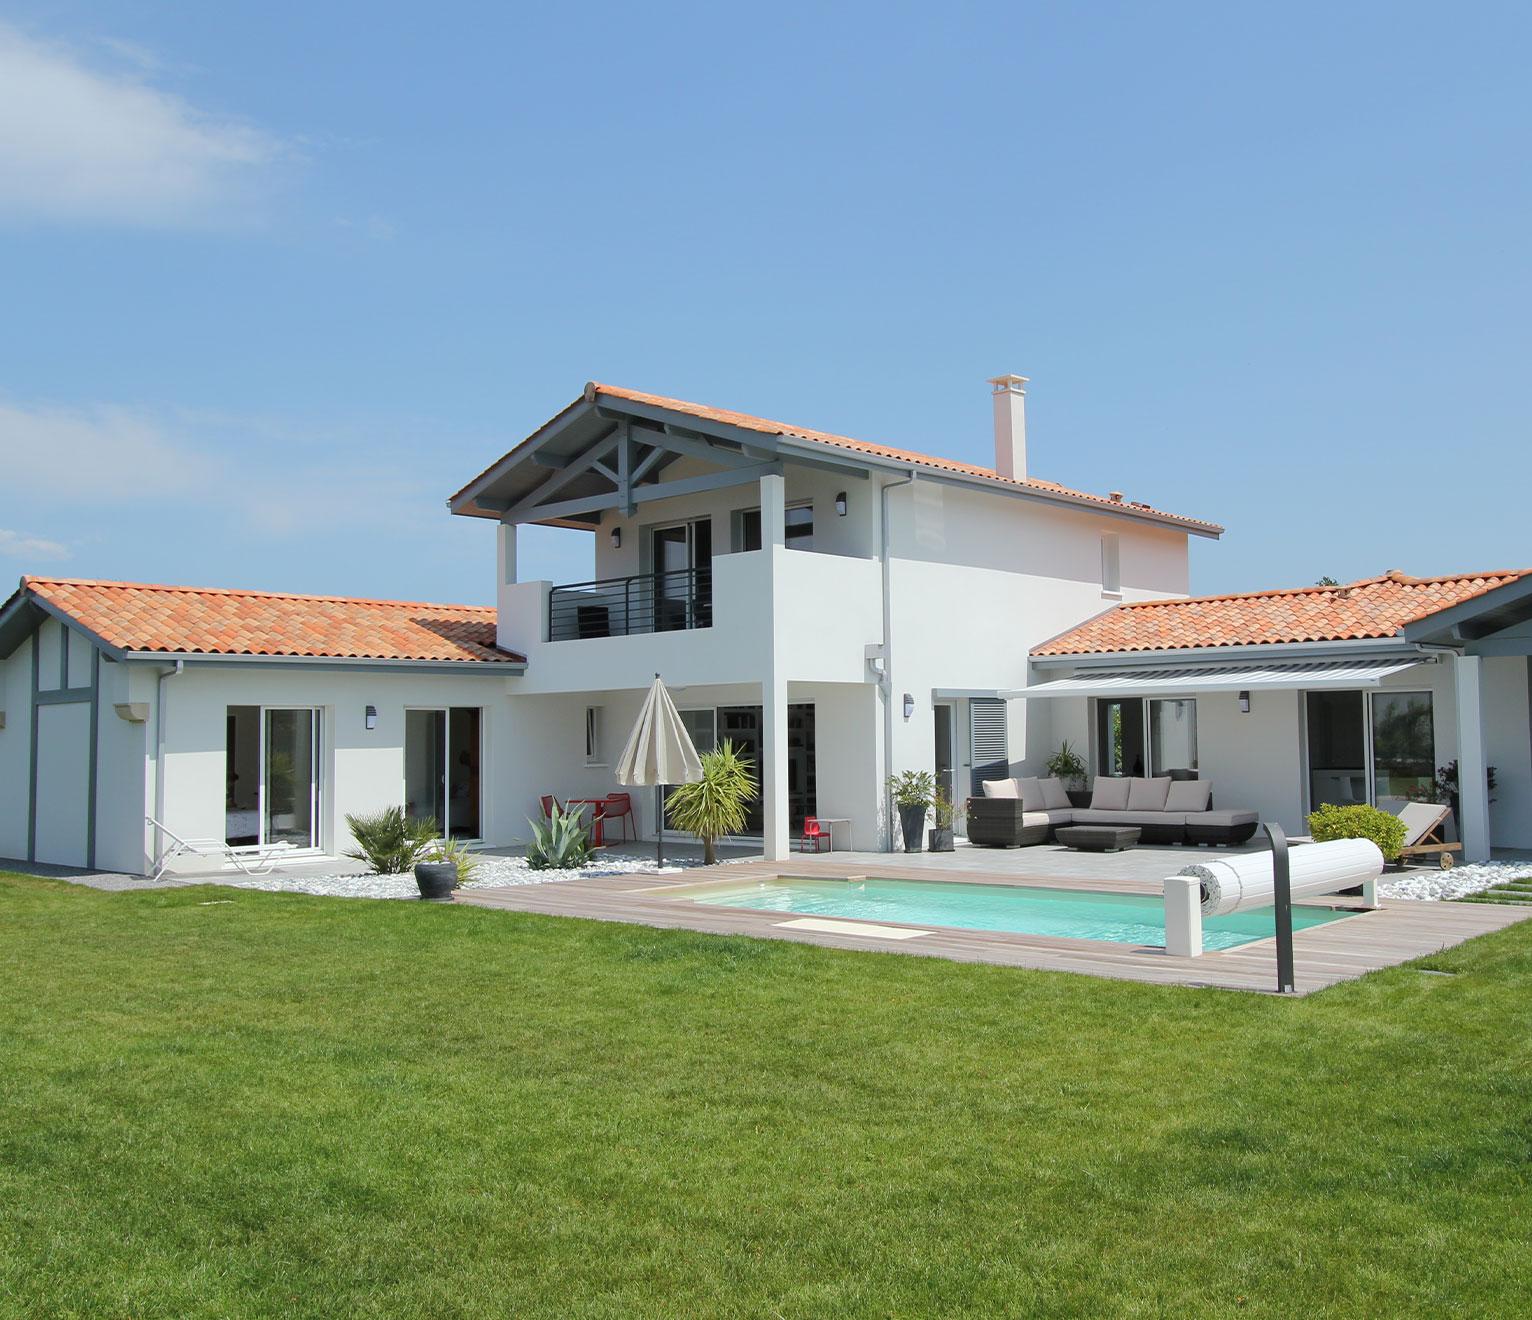 maison de famille basque